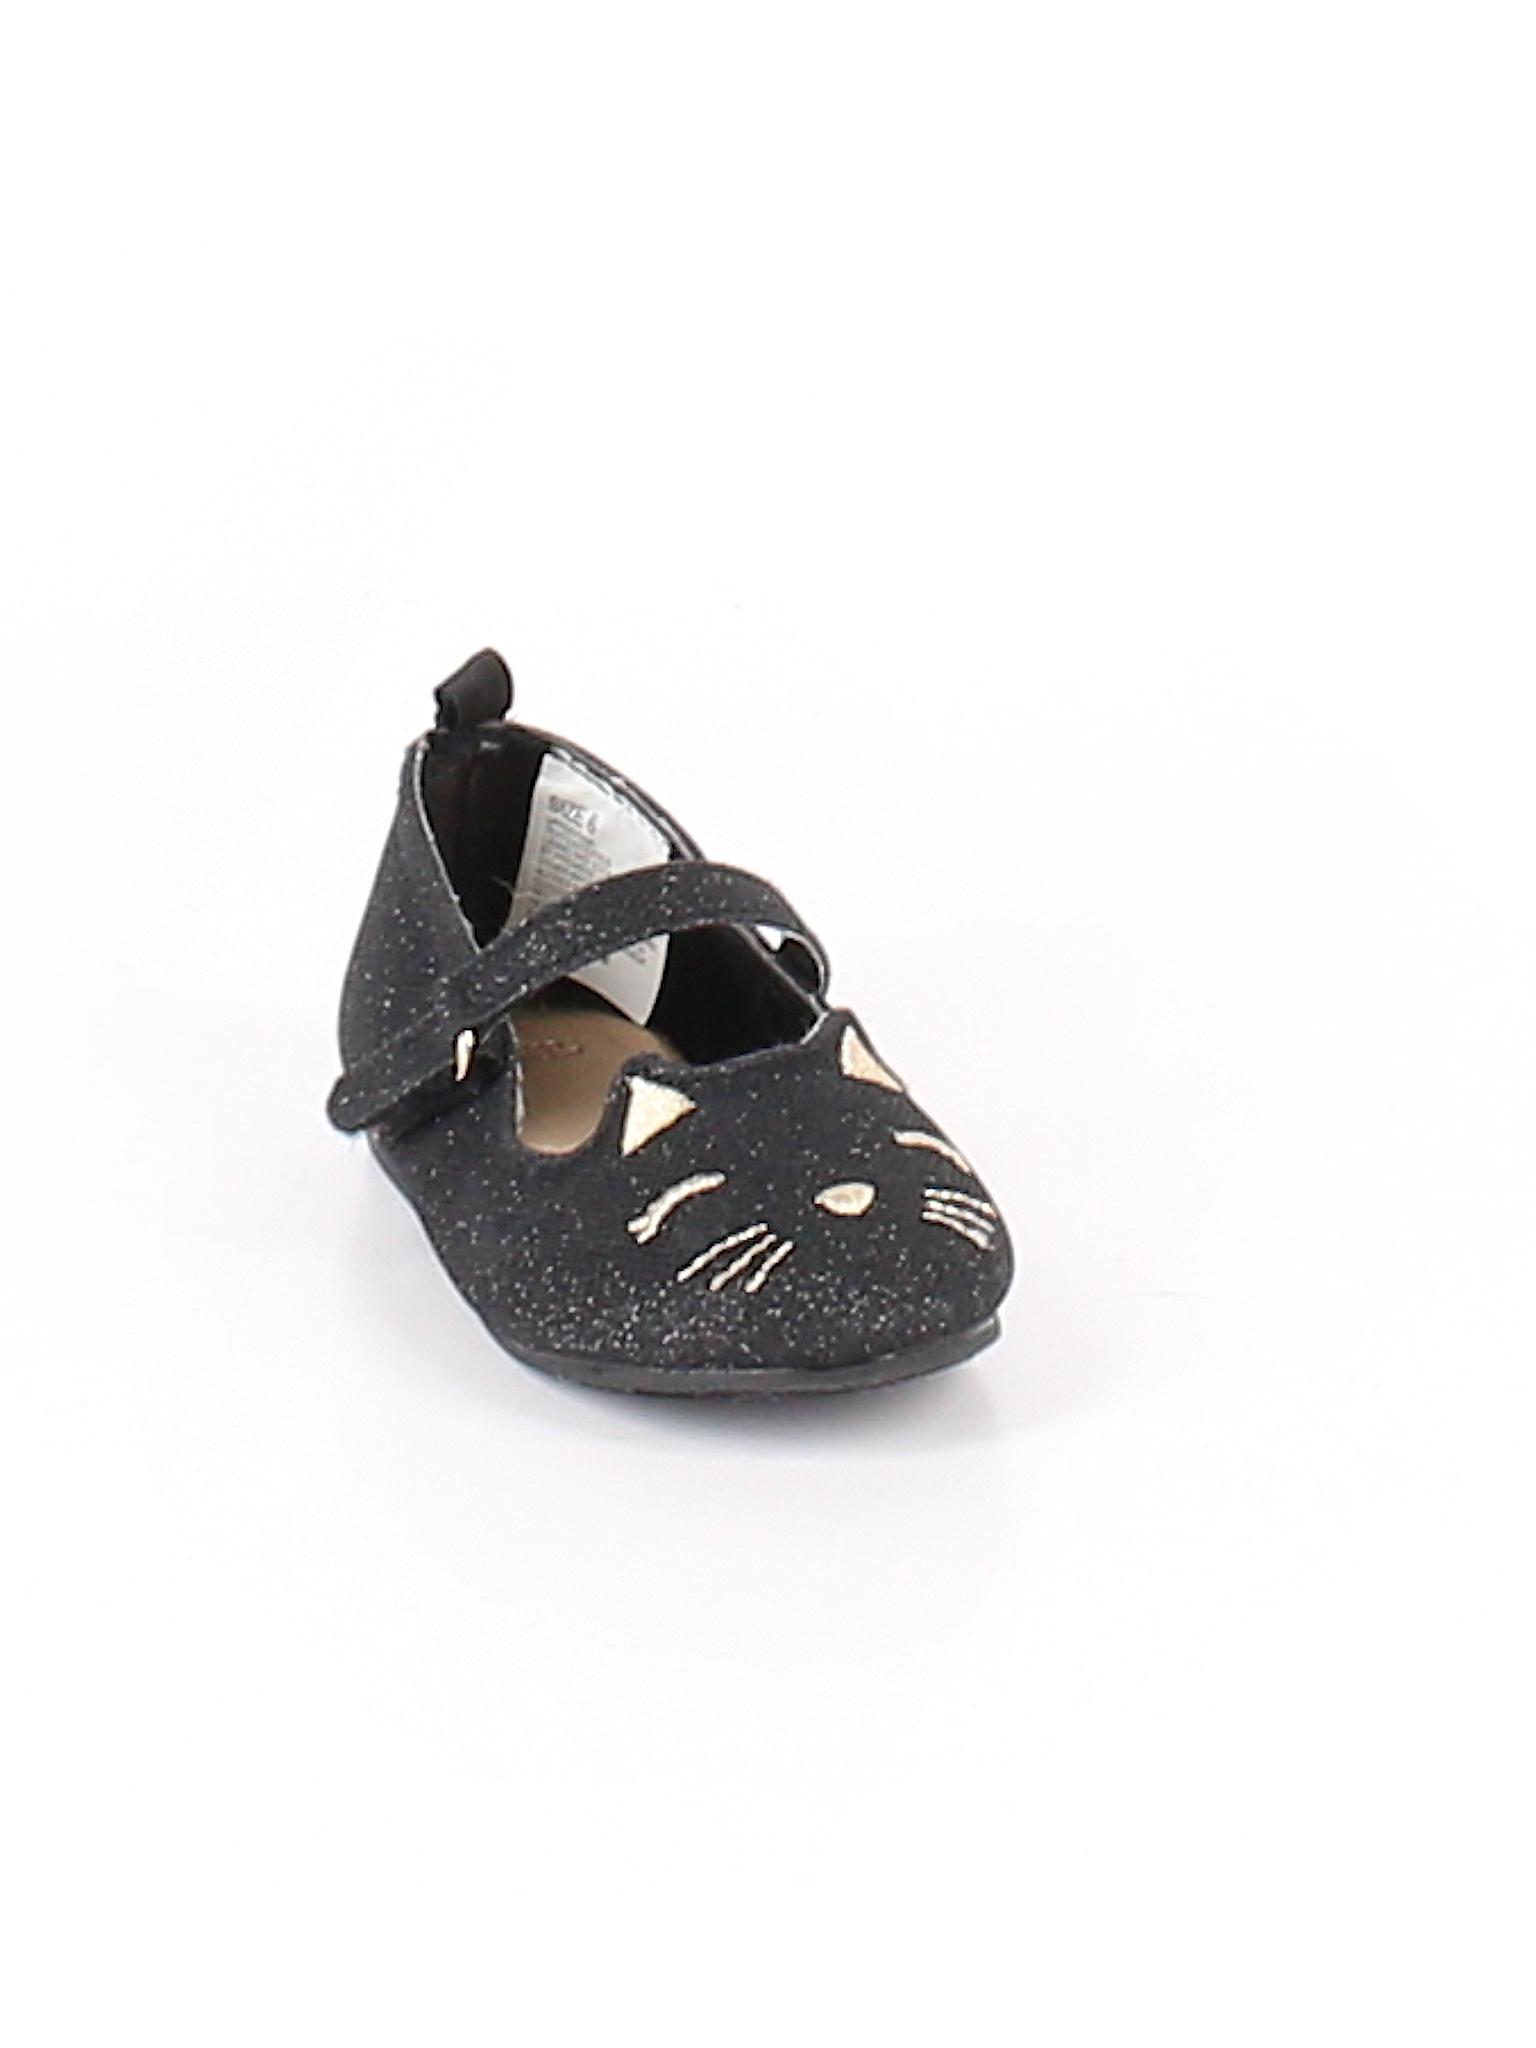 Gymboree Graphic Black Dress Shoes Size 6 off